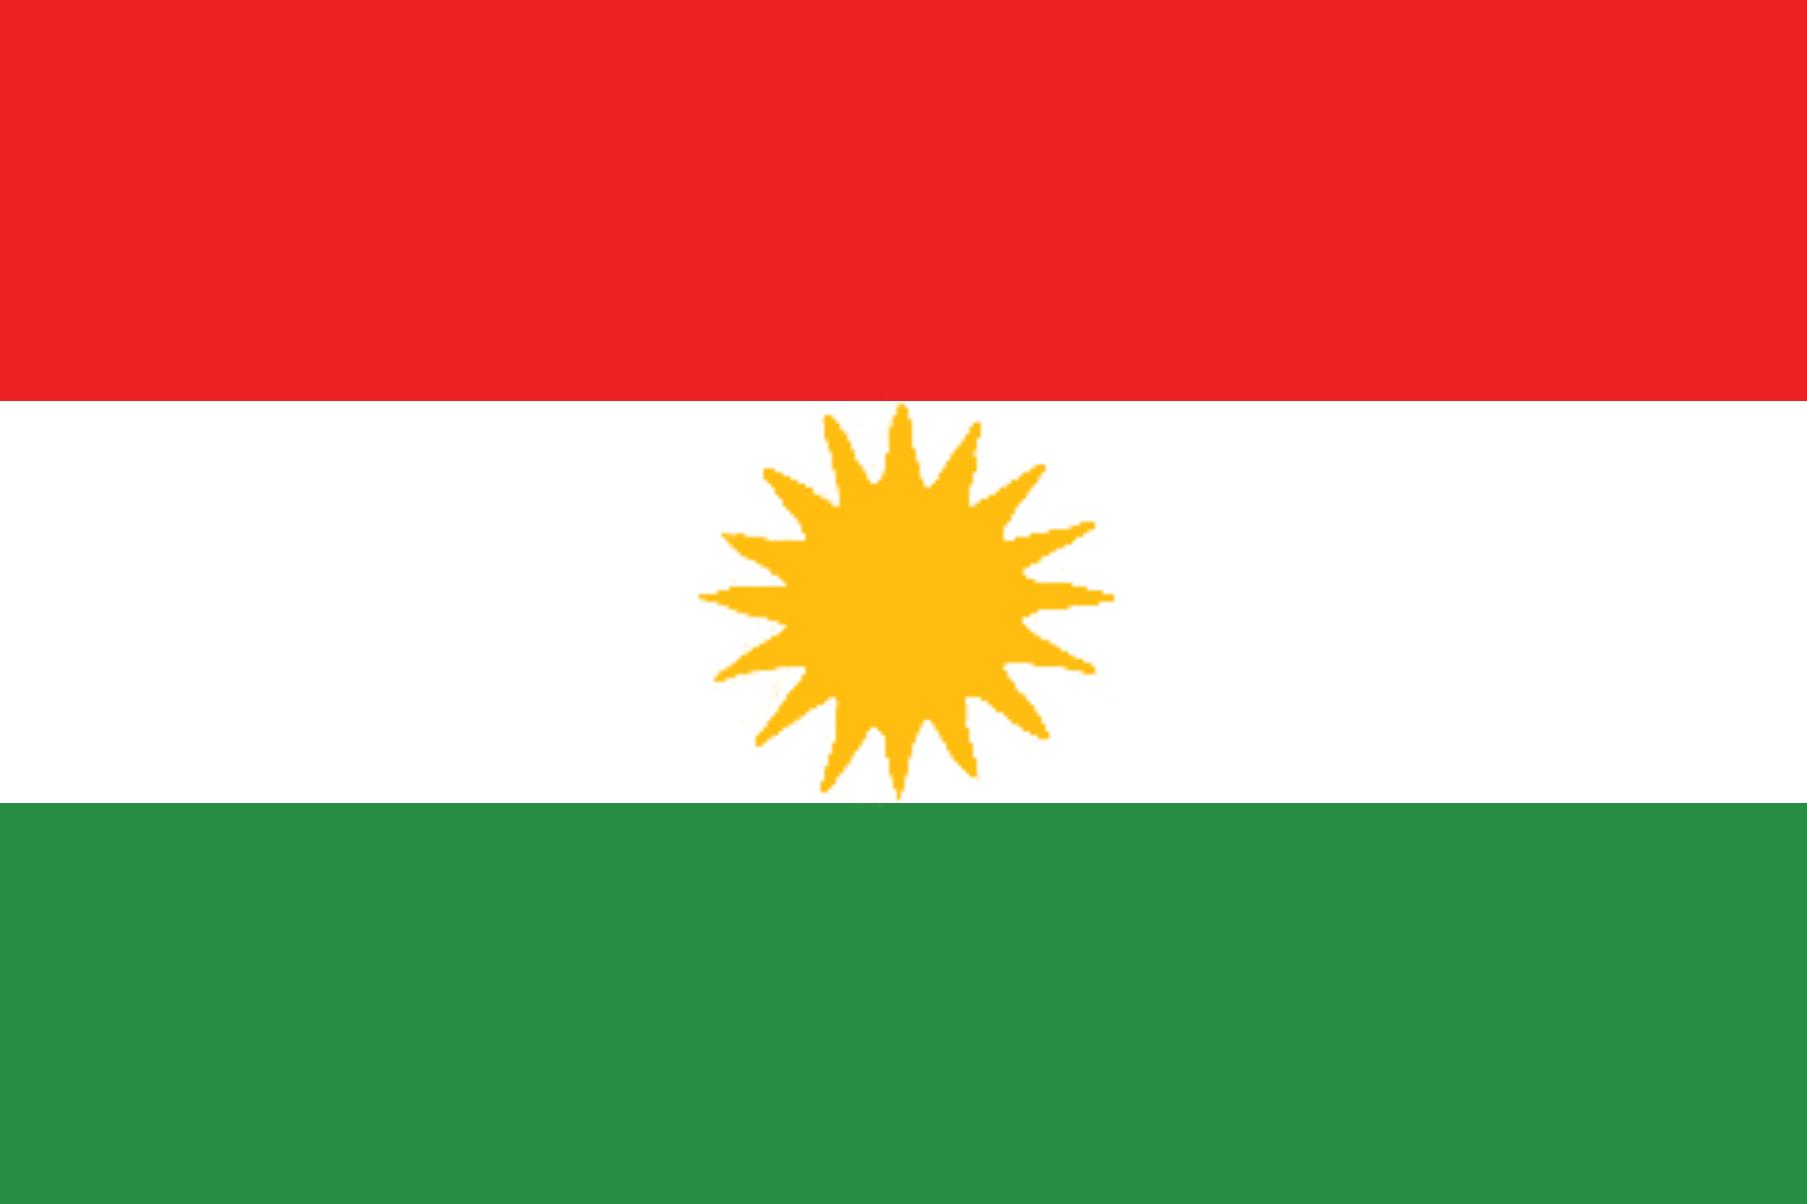 Flag of Kurdistan region (Northern Iraq)